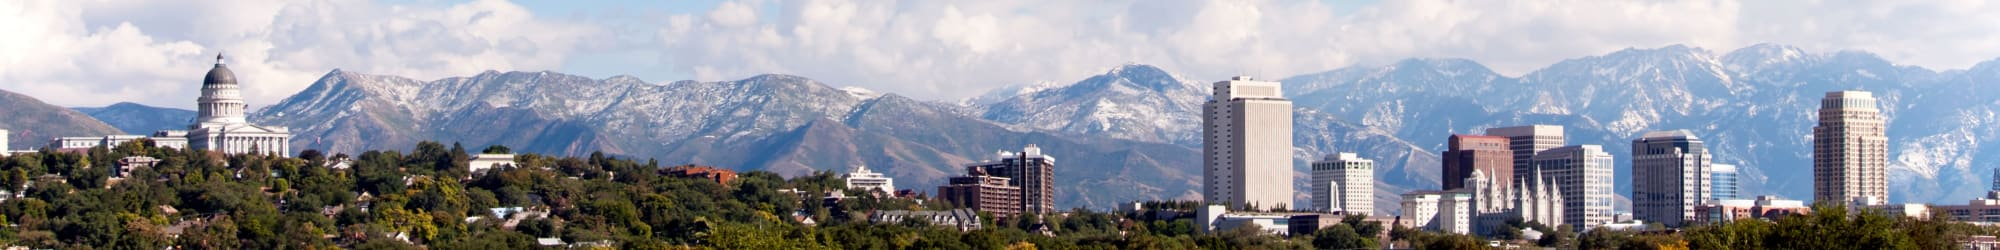 Amenities at Liberty SKY in Salt Lake City, Utah